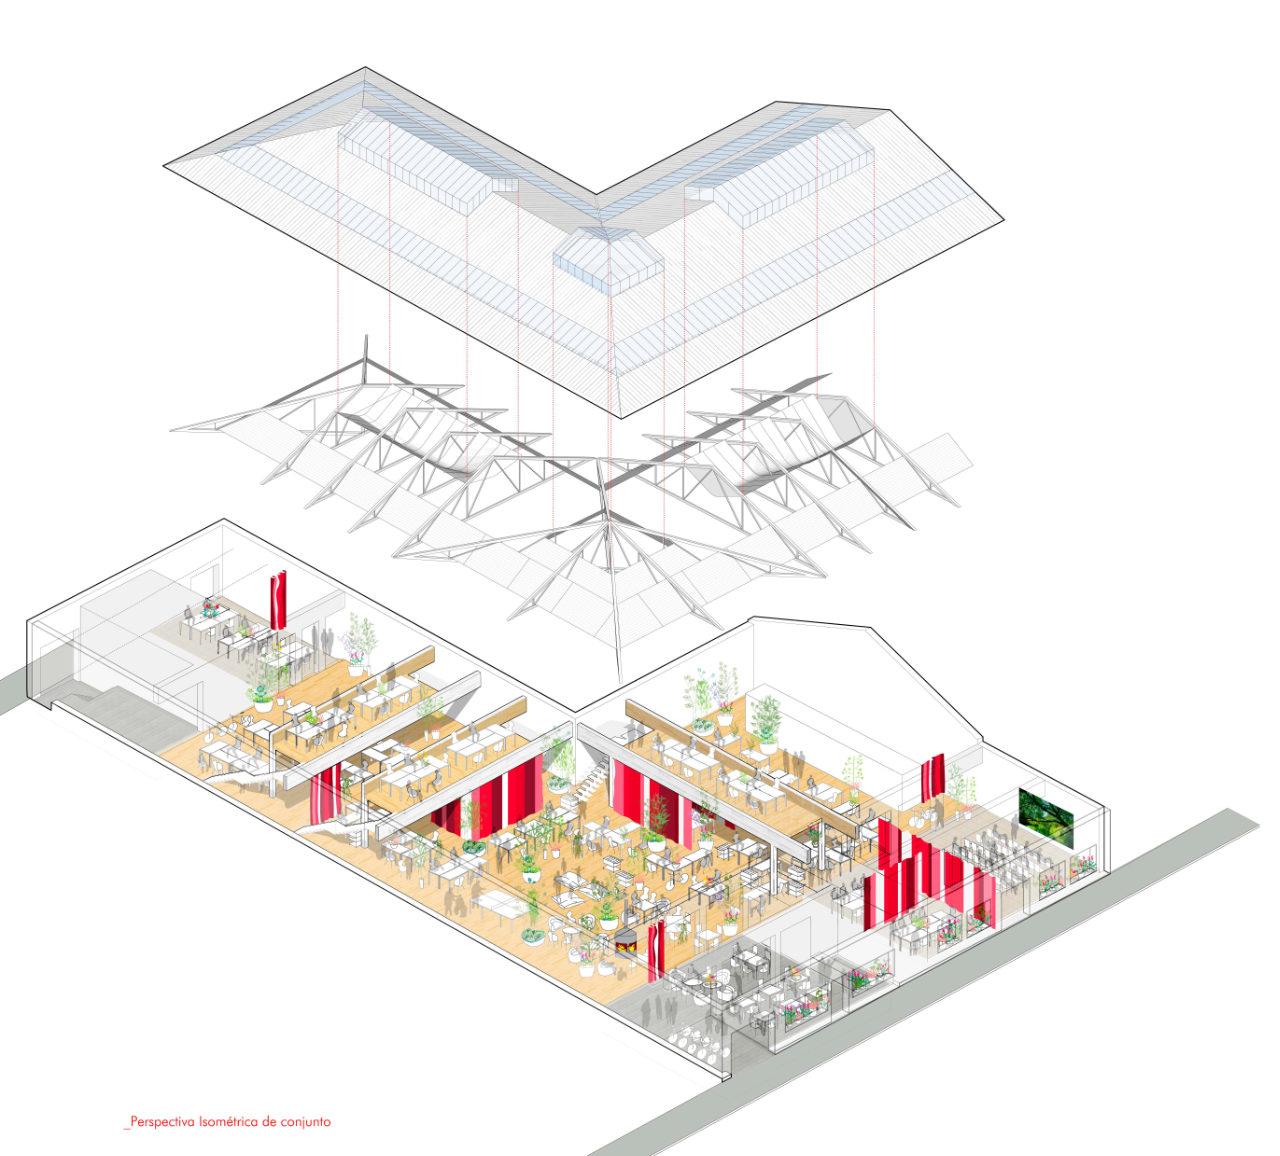 Centre Pour L'innovation Et La Biodiversite